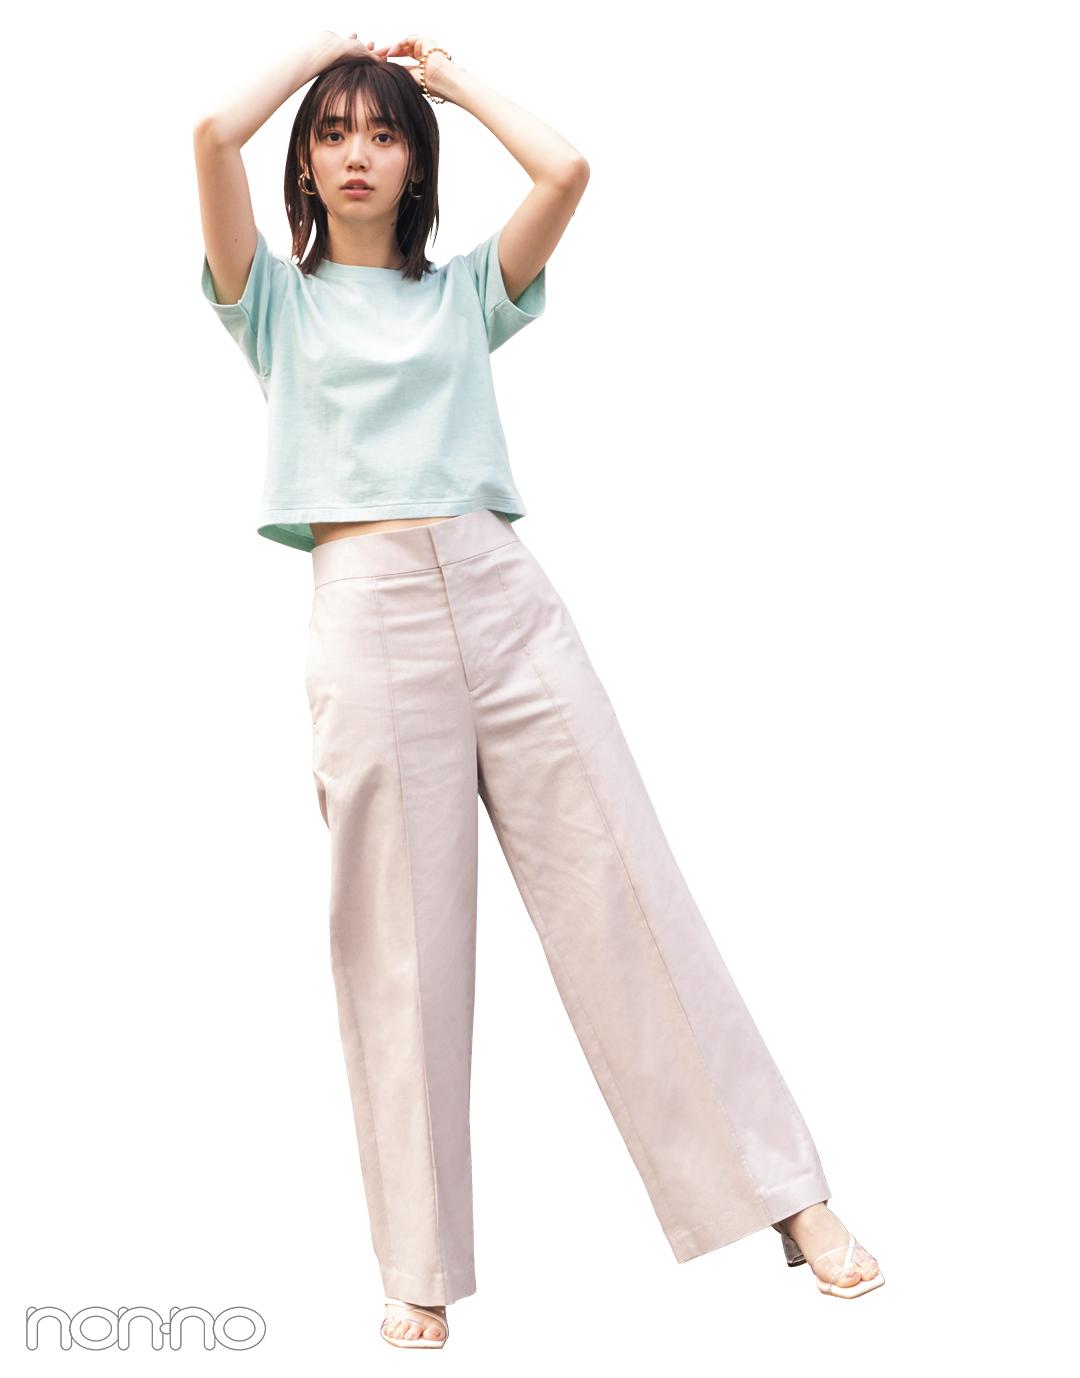 江野沢愛美が着るスタイルアップするYOUNG&OLSENの短丈Tシャツコーデ20